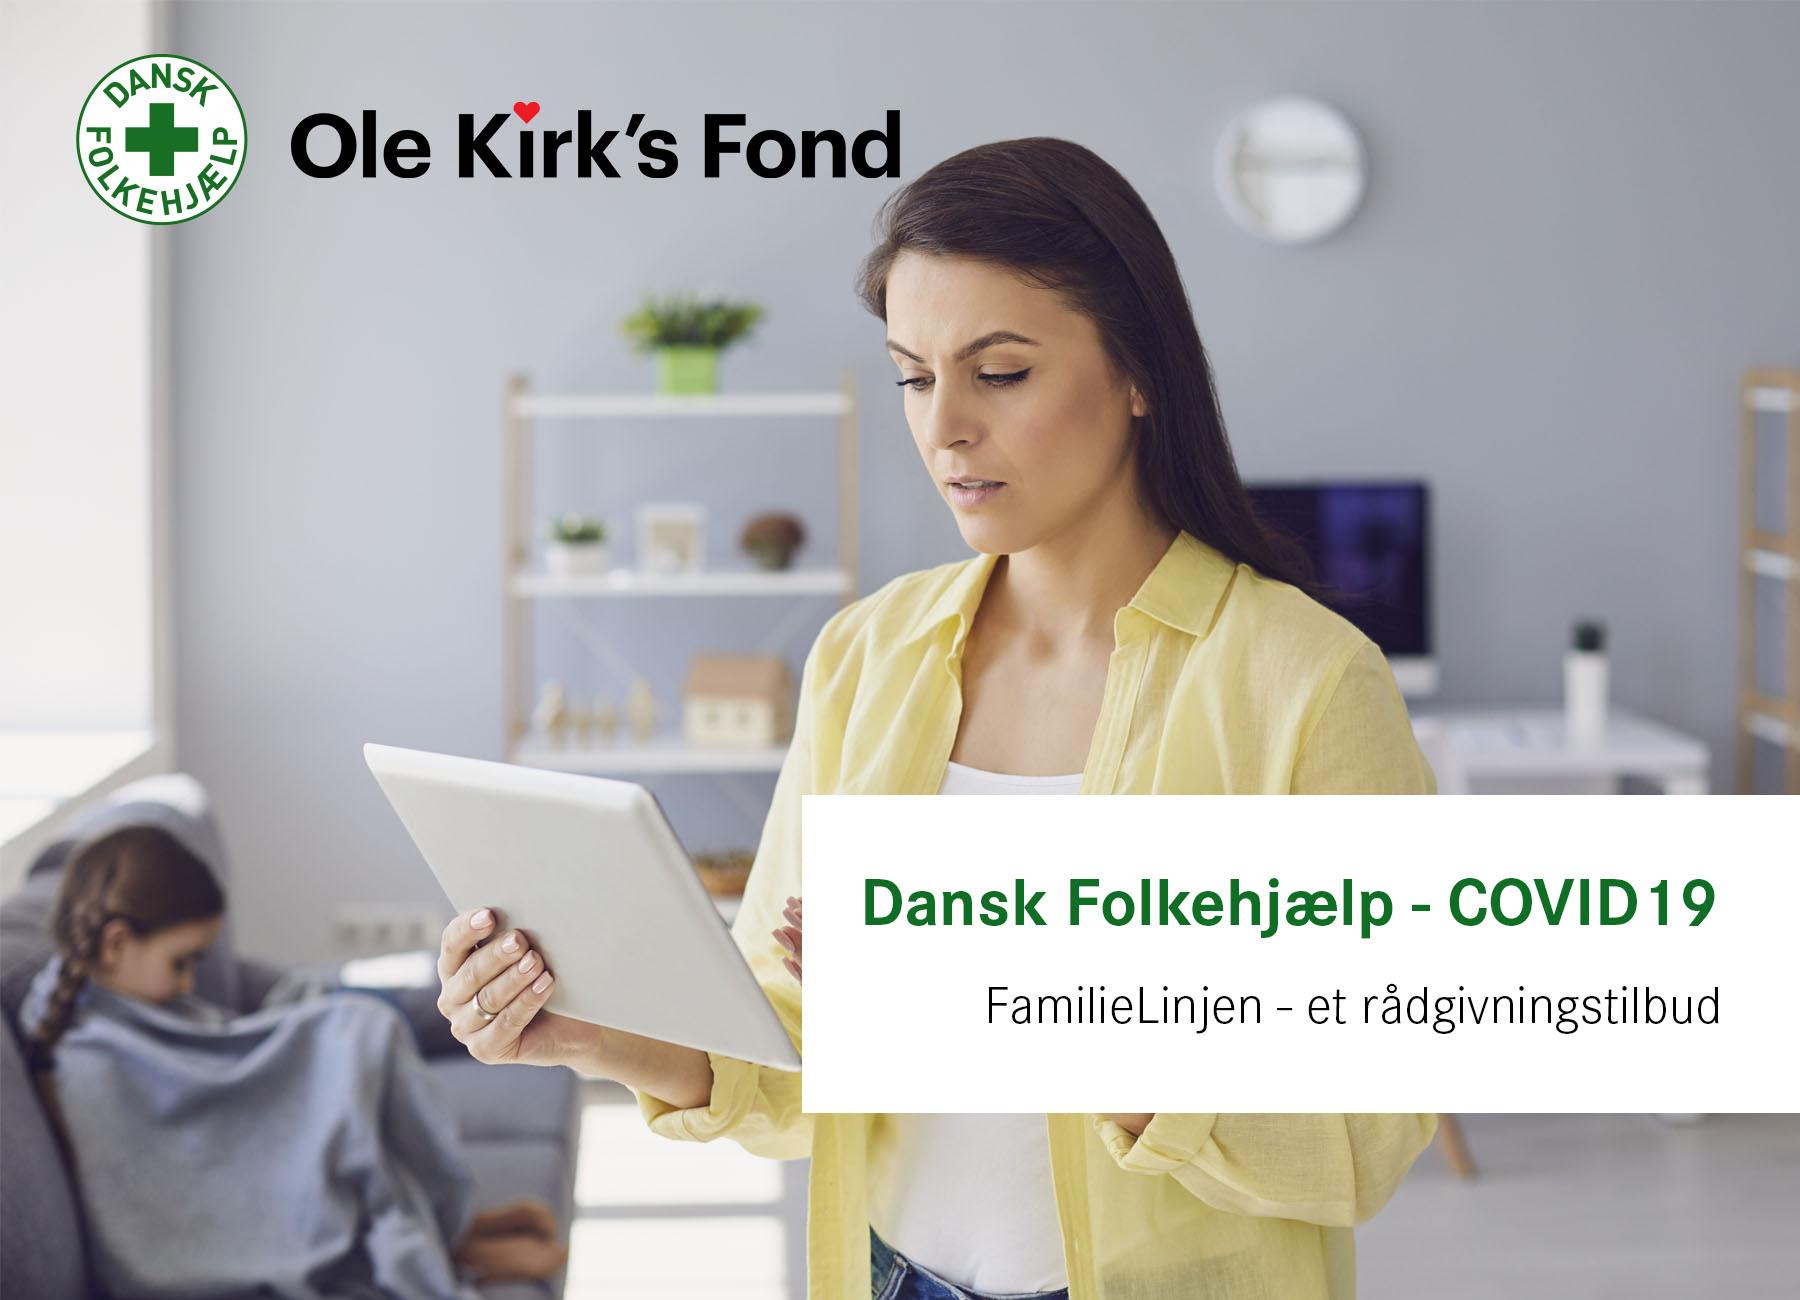 Familielinjen_COVID_1800x1300px